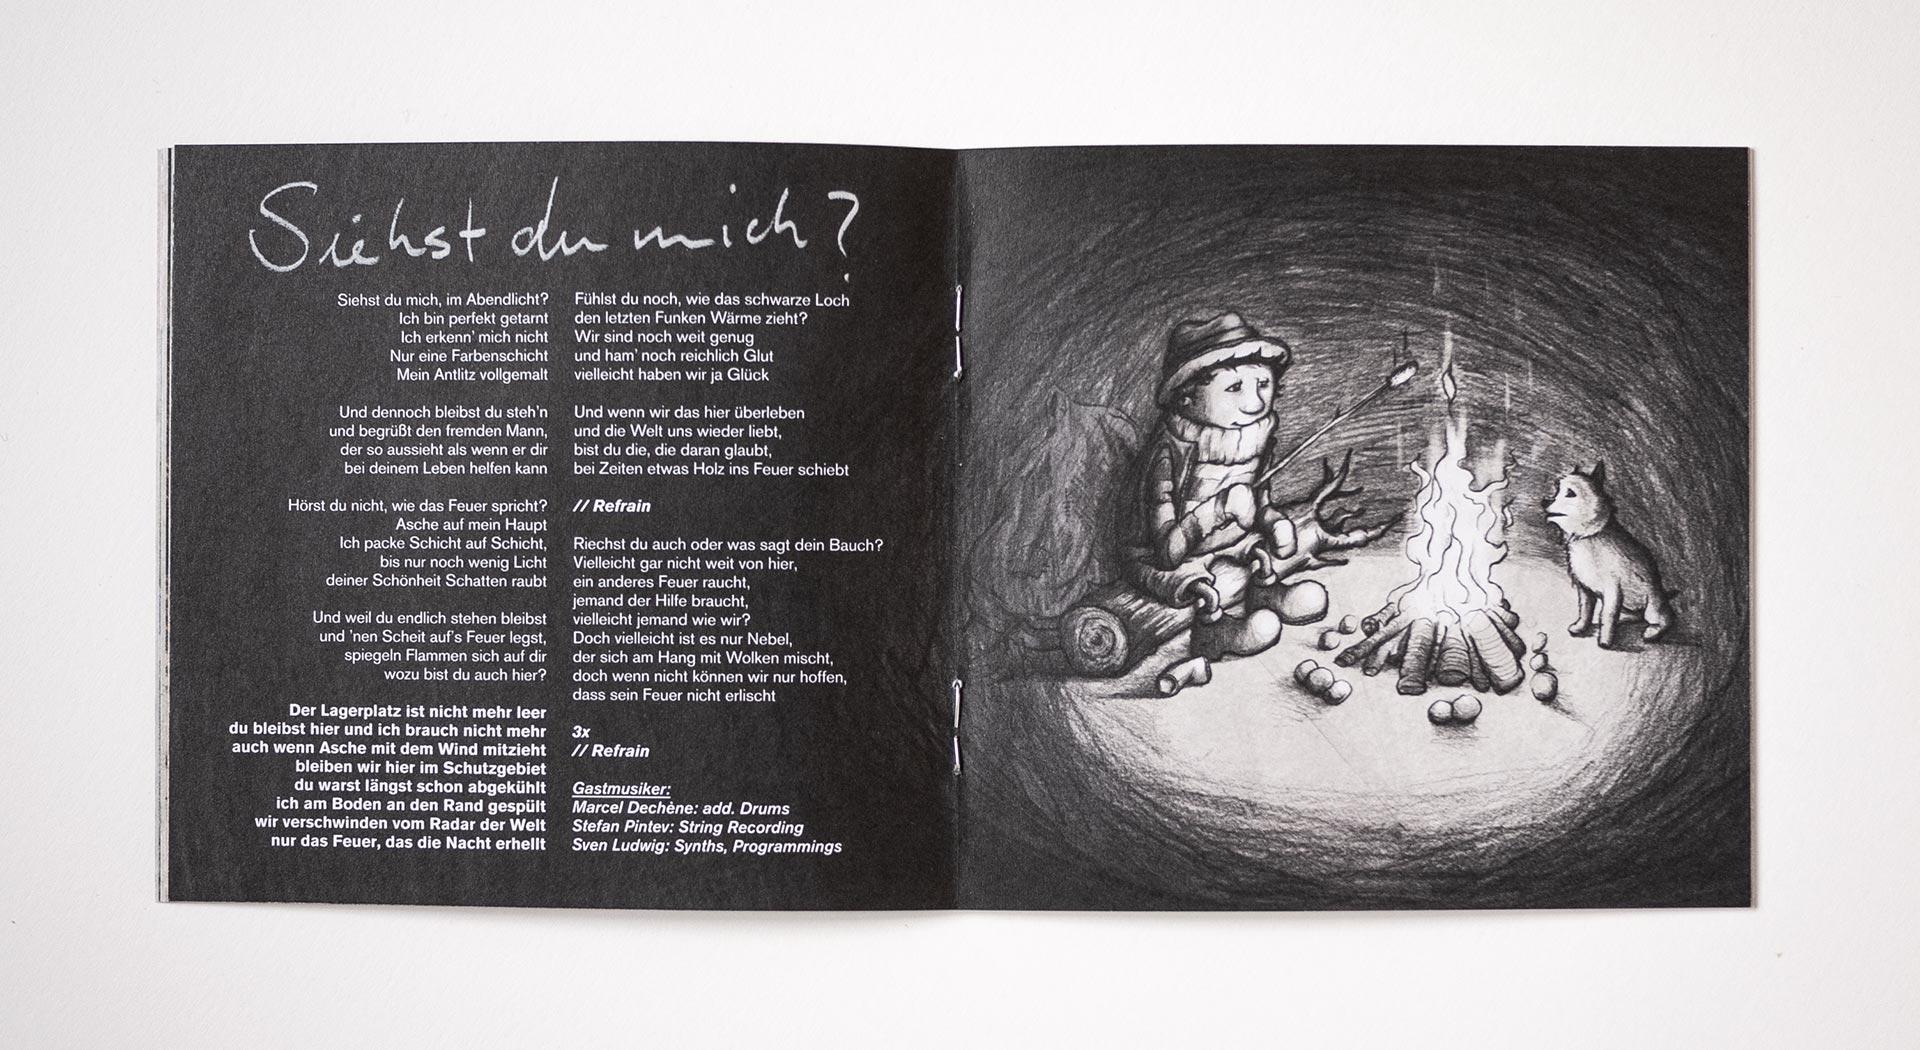 Liedfett_booklet_siehstdu